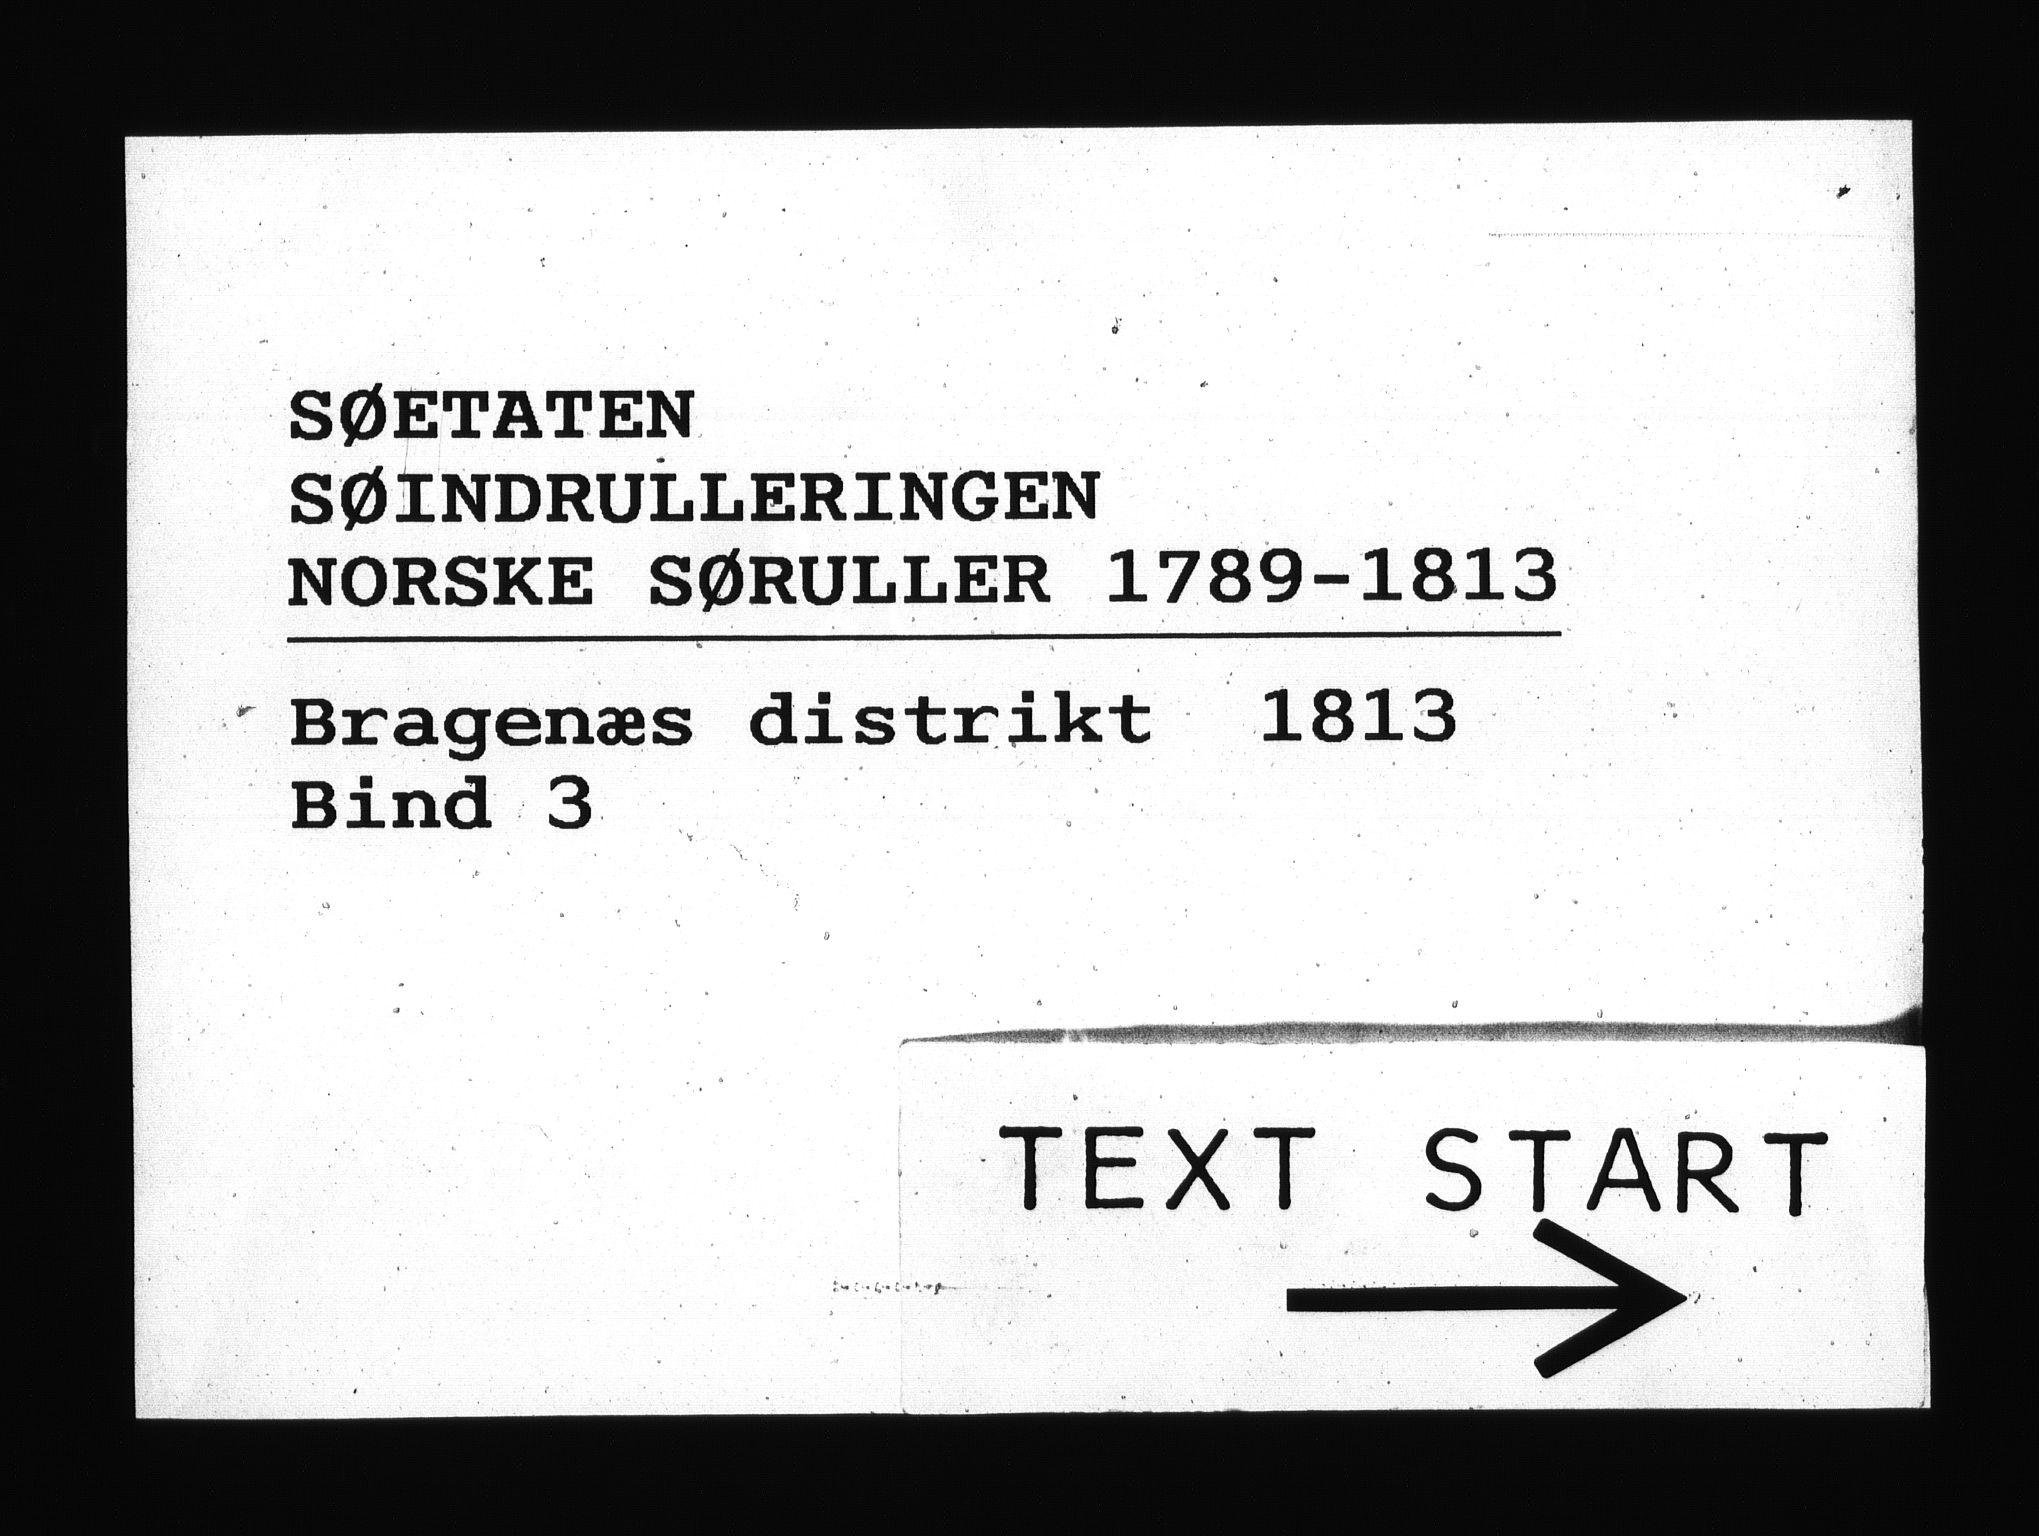 RA, Sjøetaten, F/L0170: Bragernes distrikt, bind 3, 1813